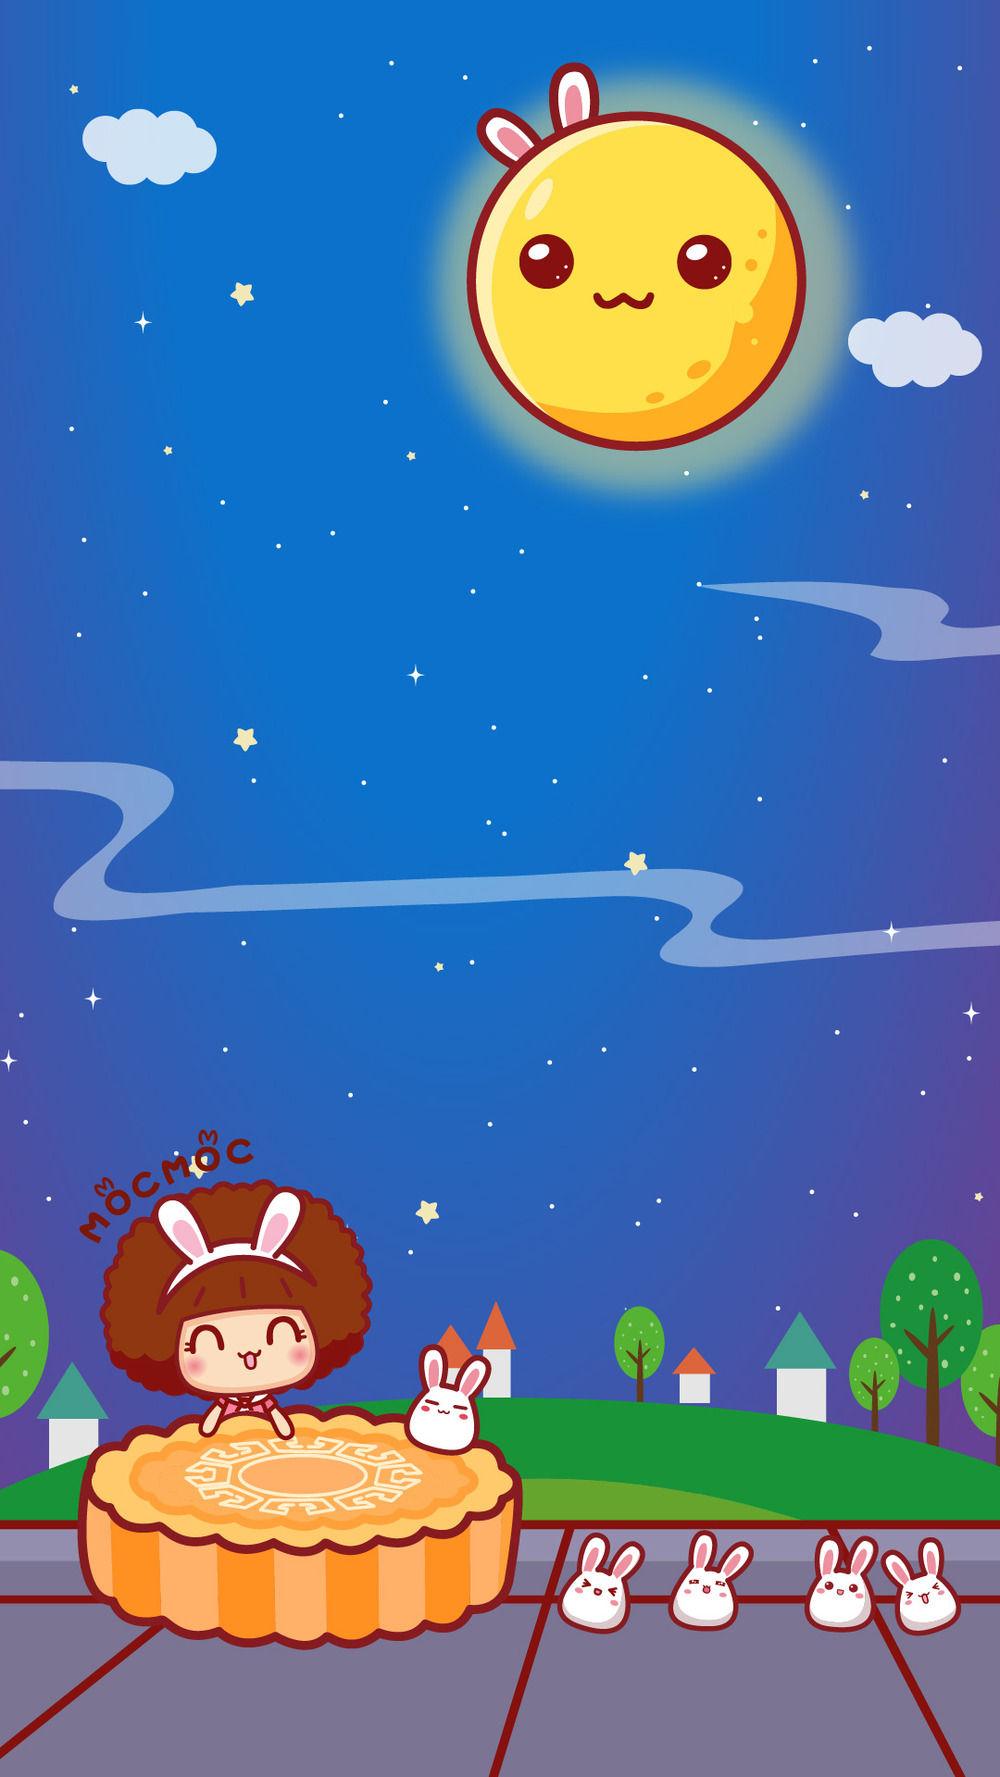 摩丝摩丝兔兔赏月.jpg